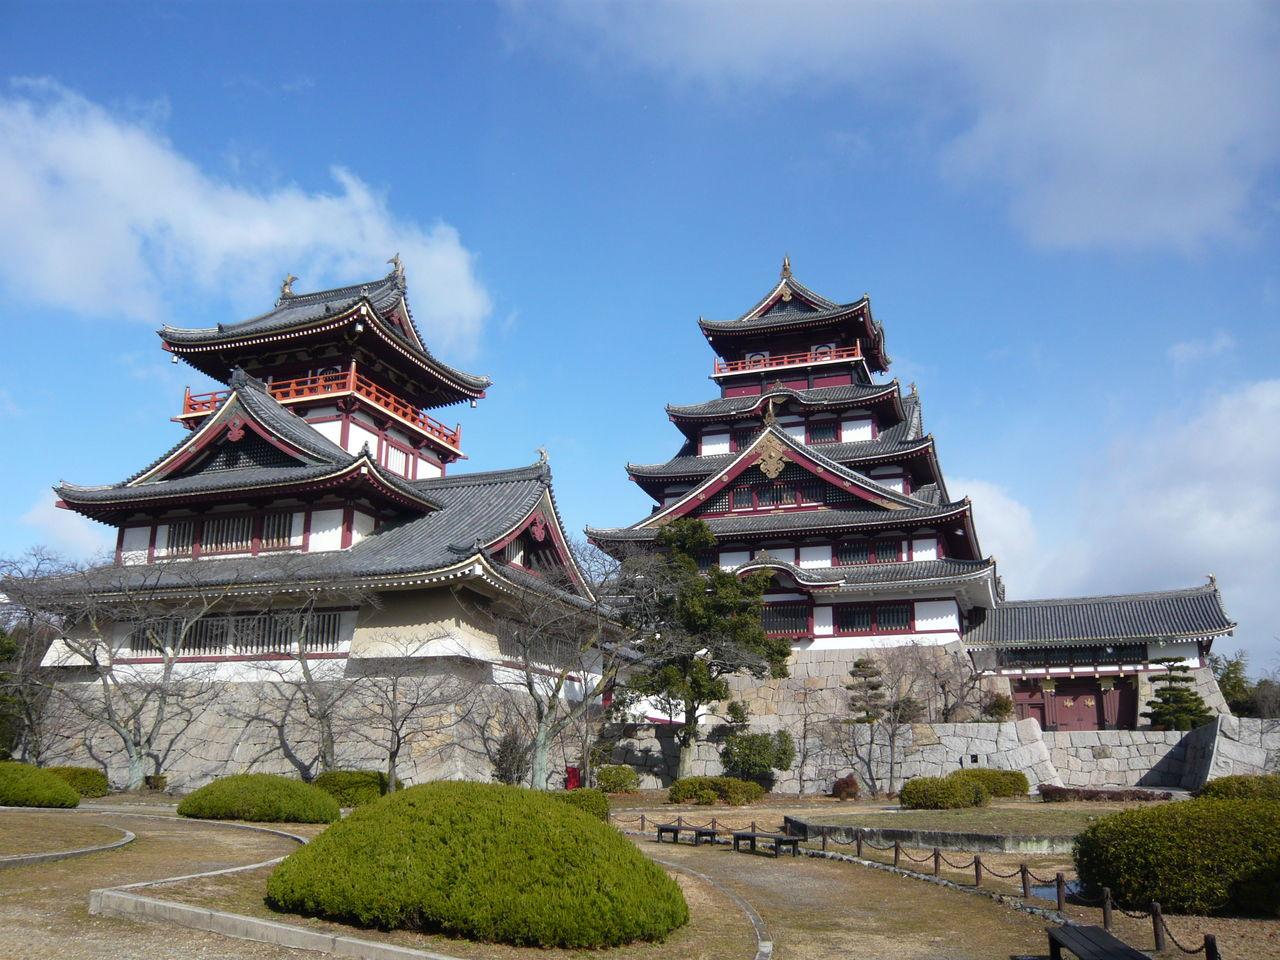 城とか陵墓とか : 伏見城